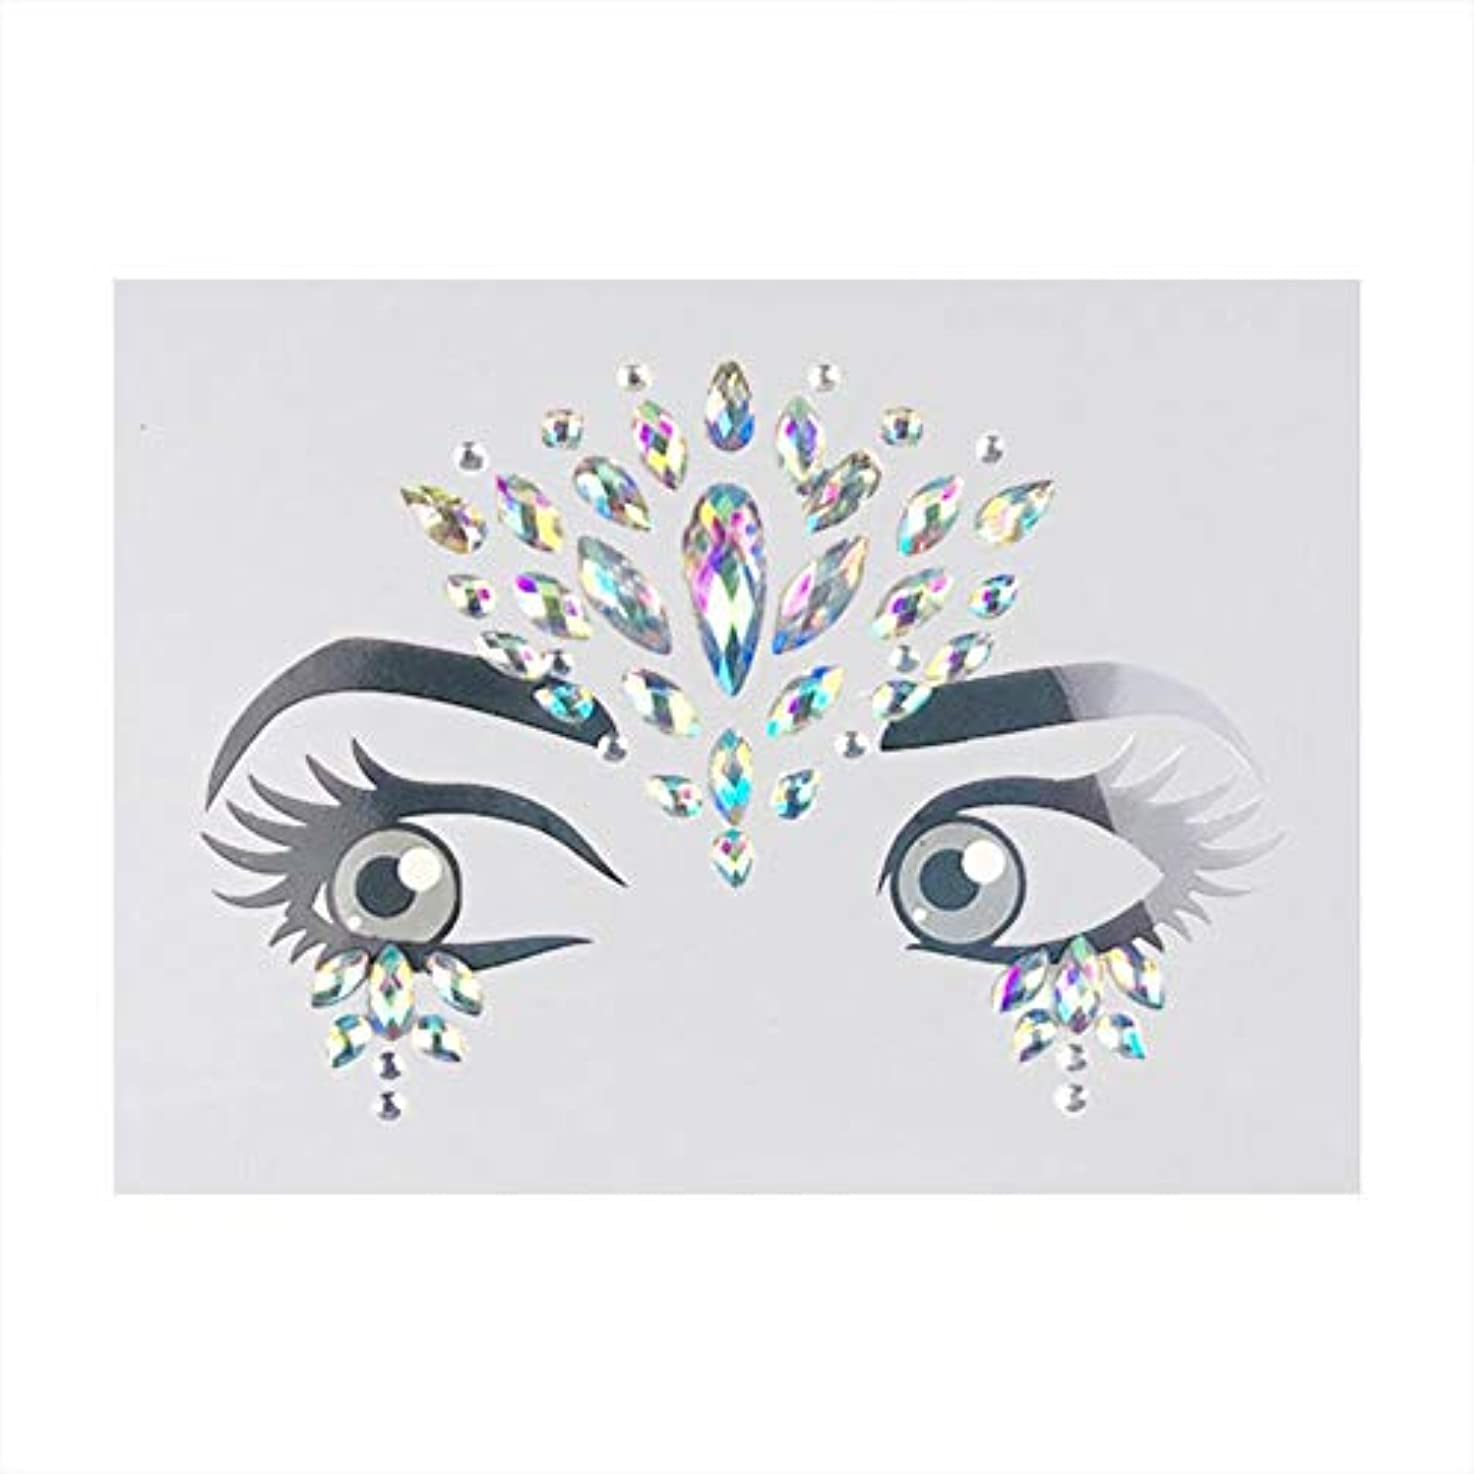 ラインストーン 顔ステッカー自己粘着性3Dフェイスステッカー 無毒アートシールパーティー 装飾